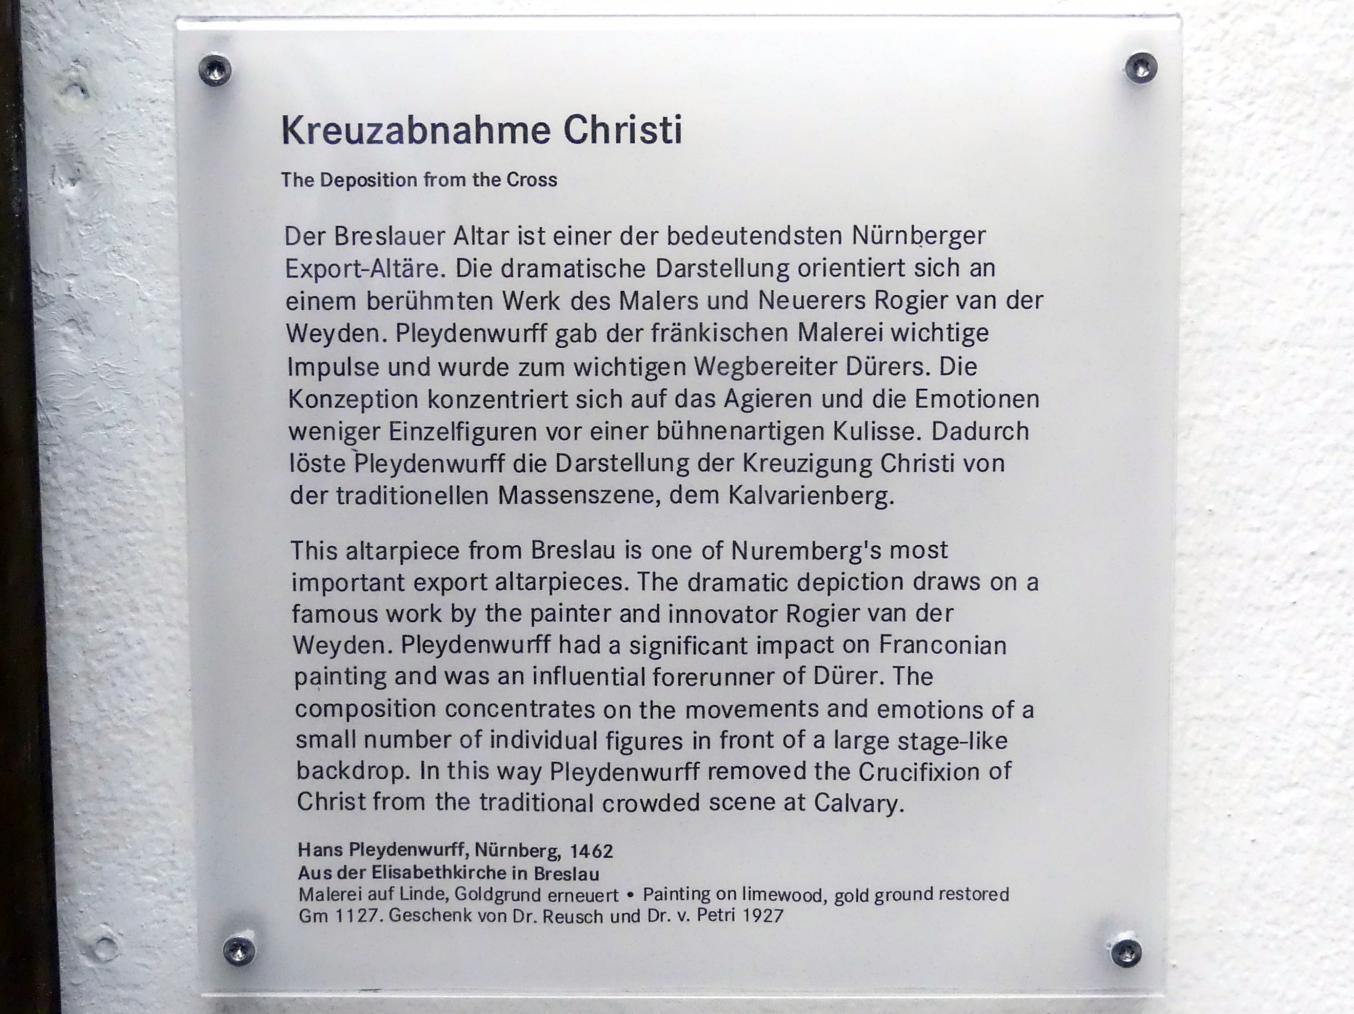 Hans Pleydenwurff: Flügel des ehemaligen Hochaltars der Elisabethkirche zu Breslau: Kreuzabnahme Christi, 1462, Bild 2/2